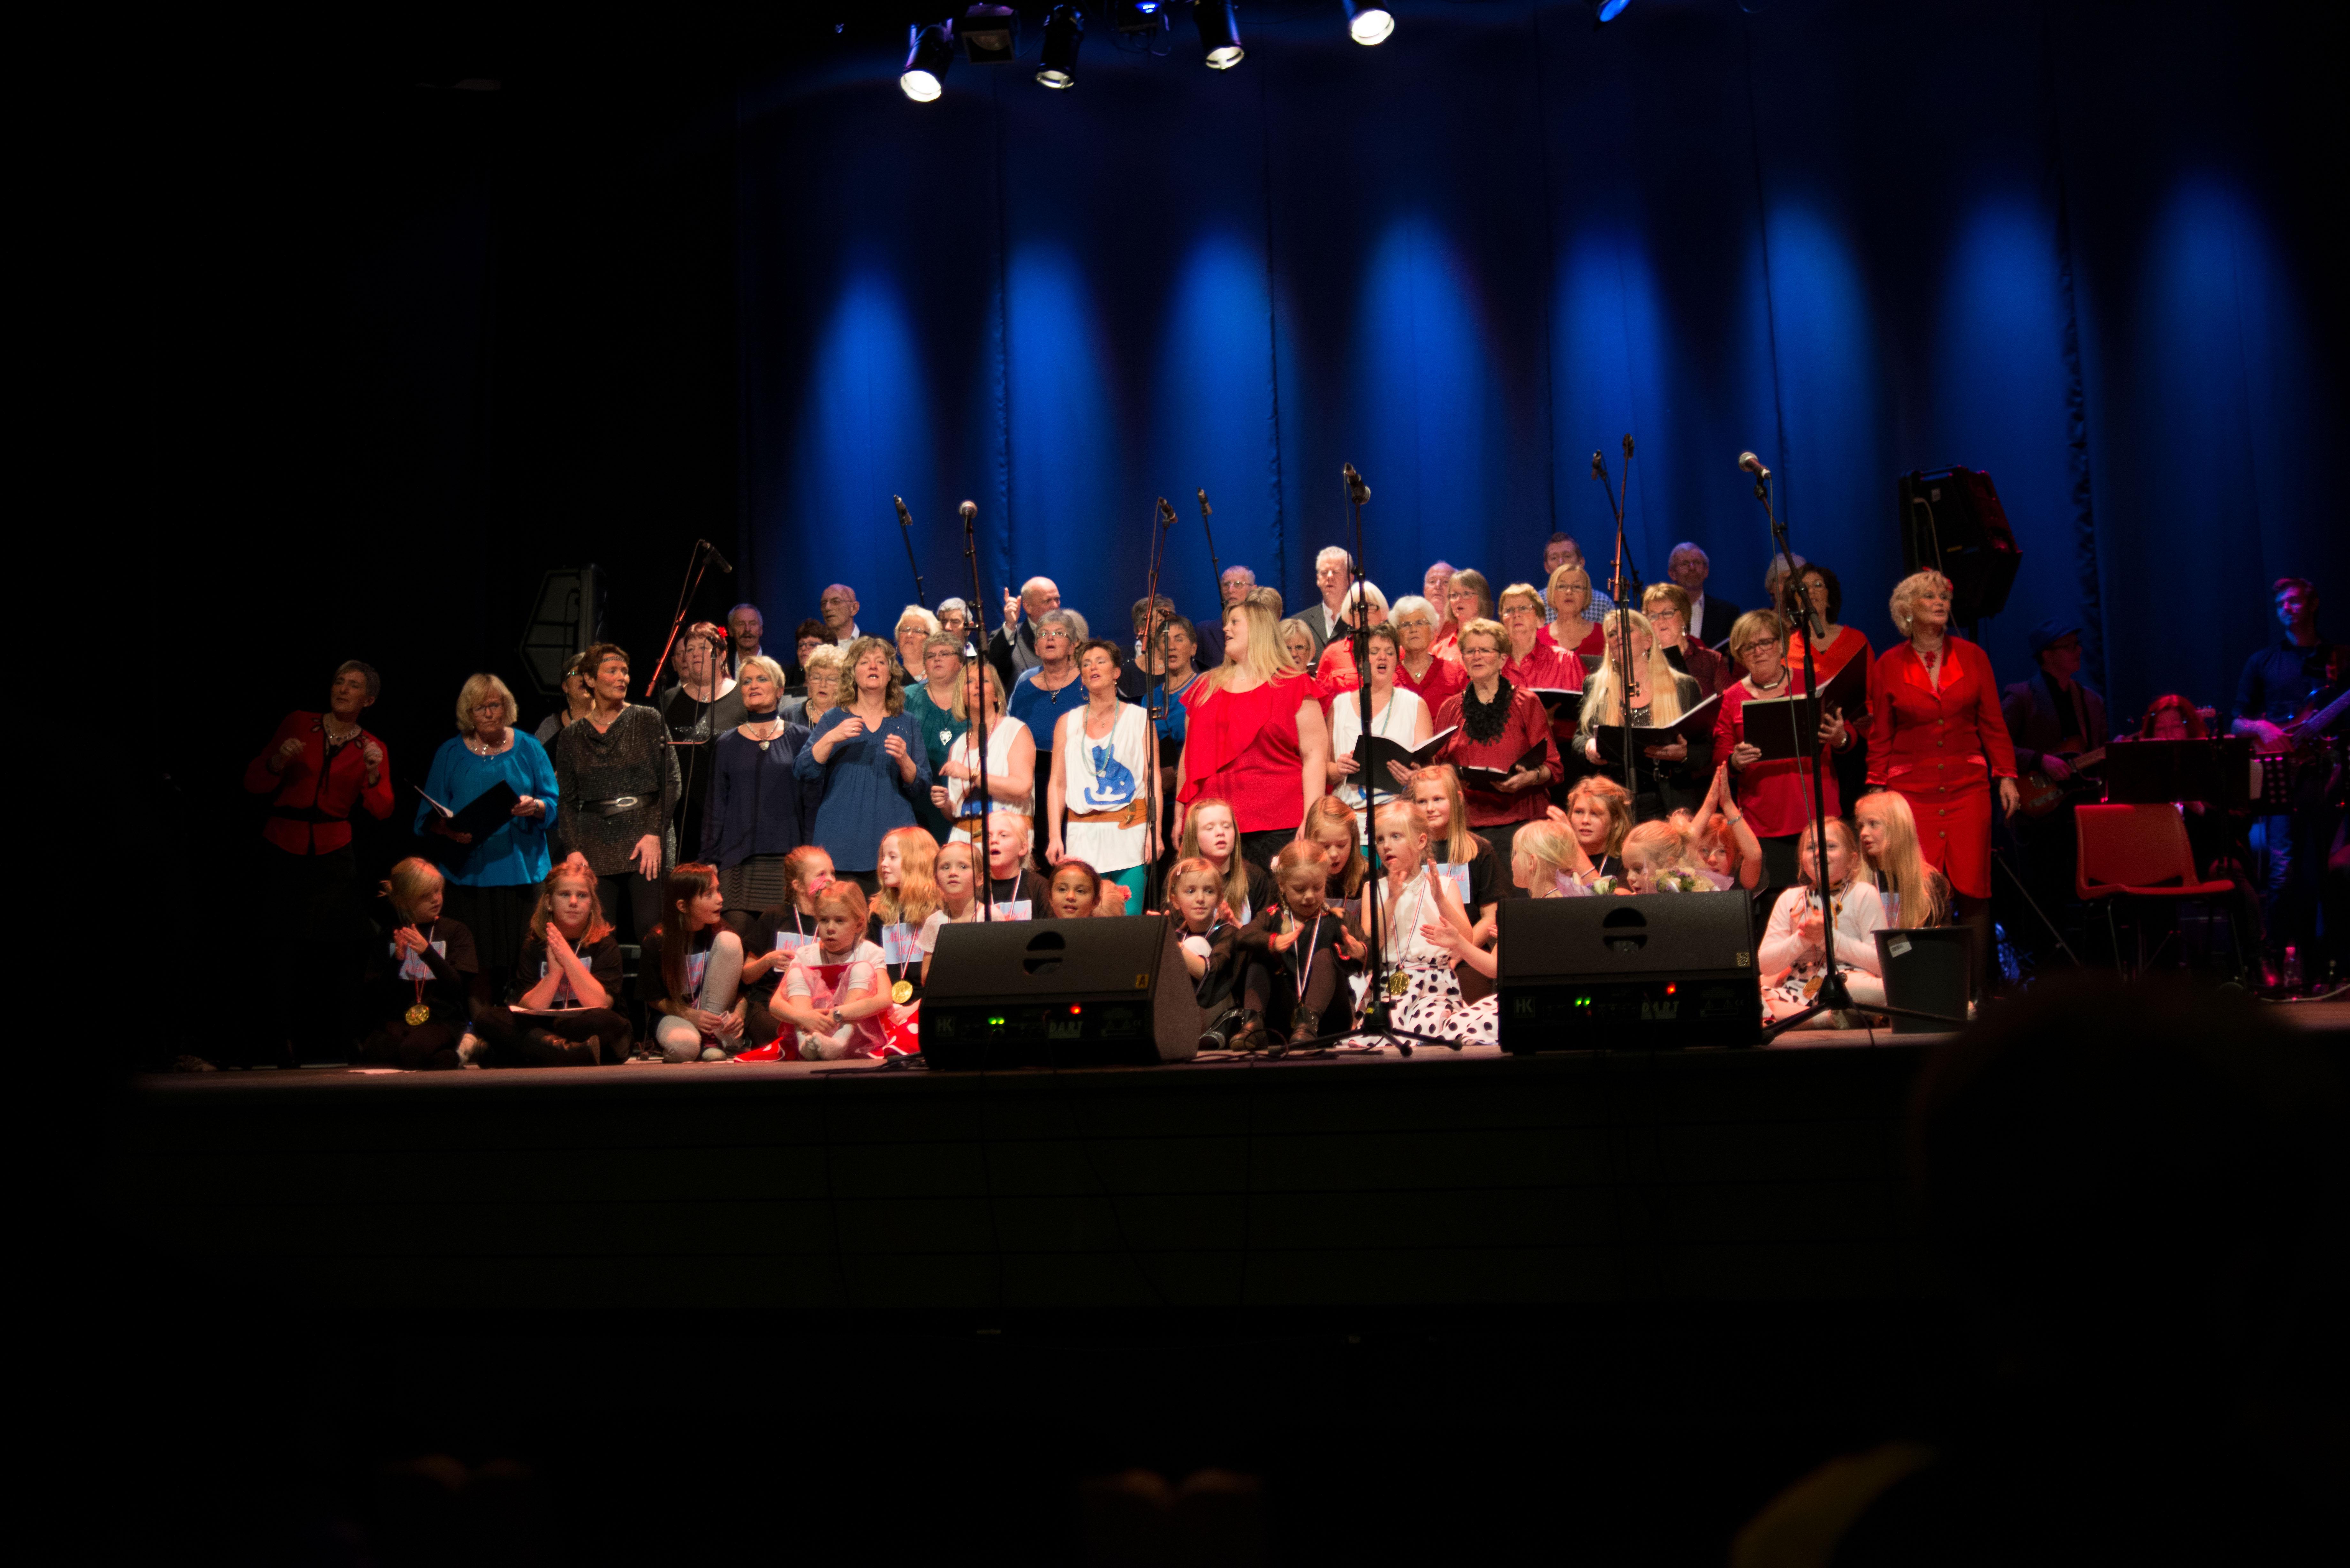 Felleskoret og barna - Musikalmix 2013 - Foto: Sian O'Hara